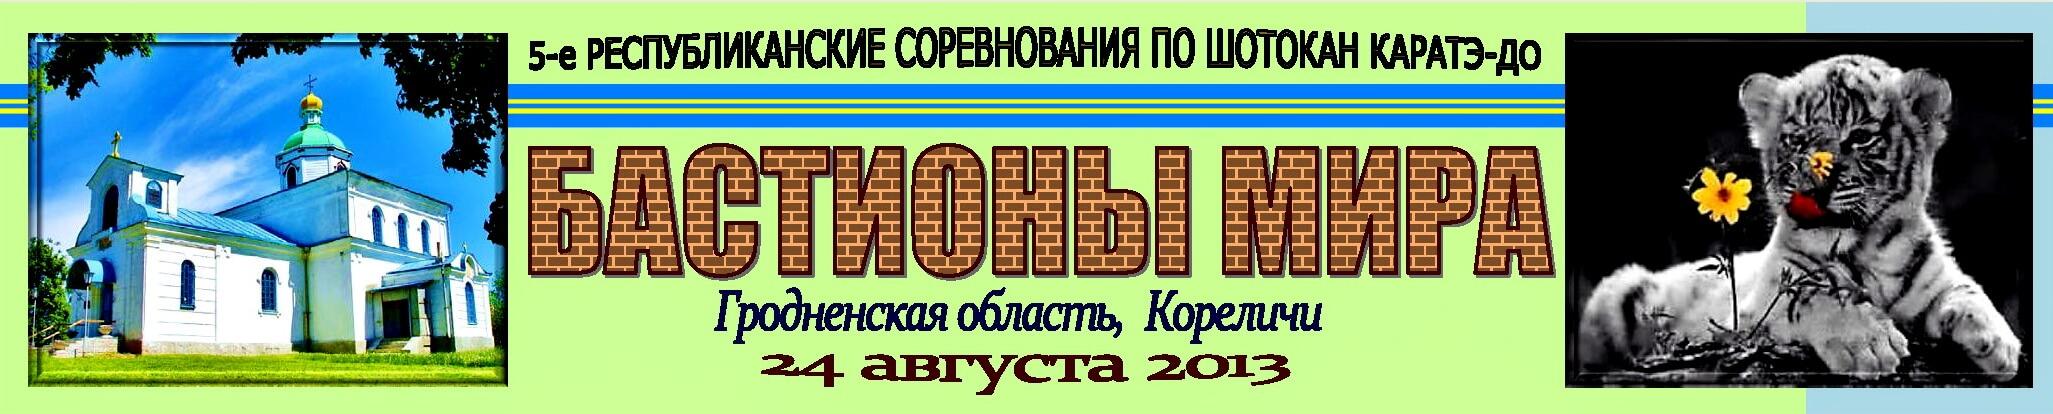 Кореличи-Мир 2014 Баннер